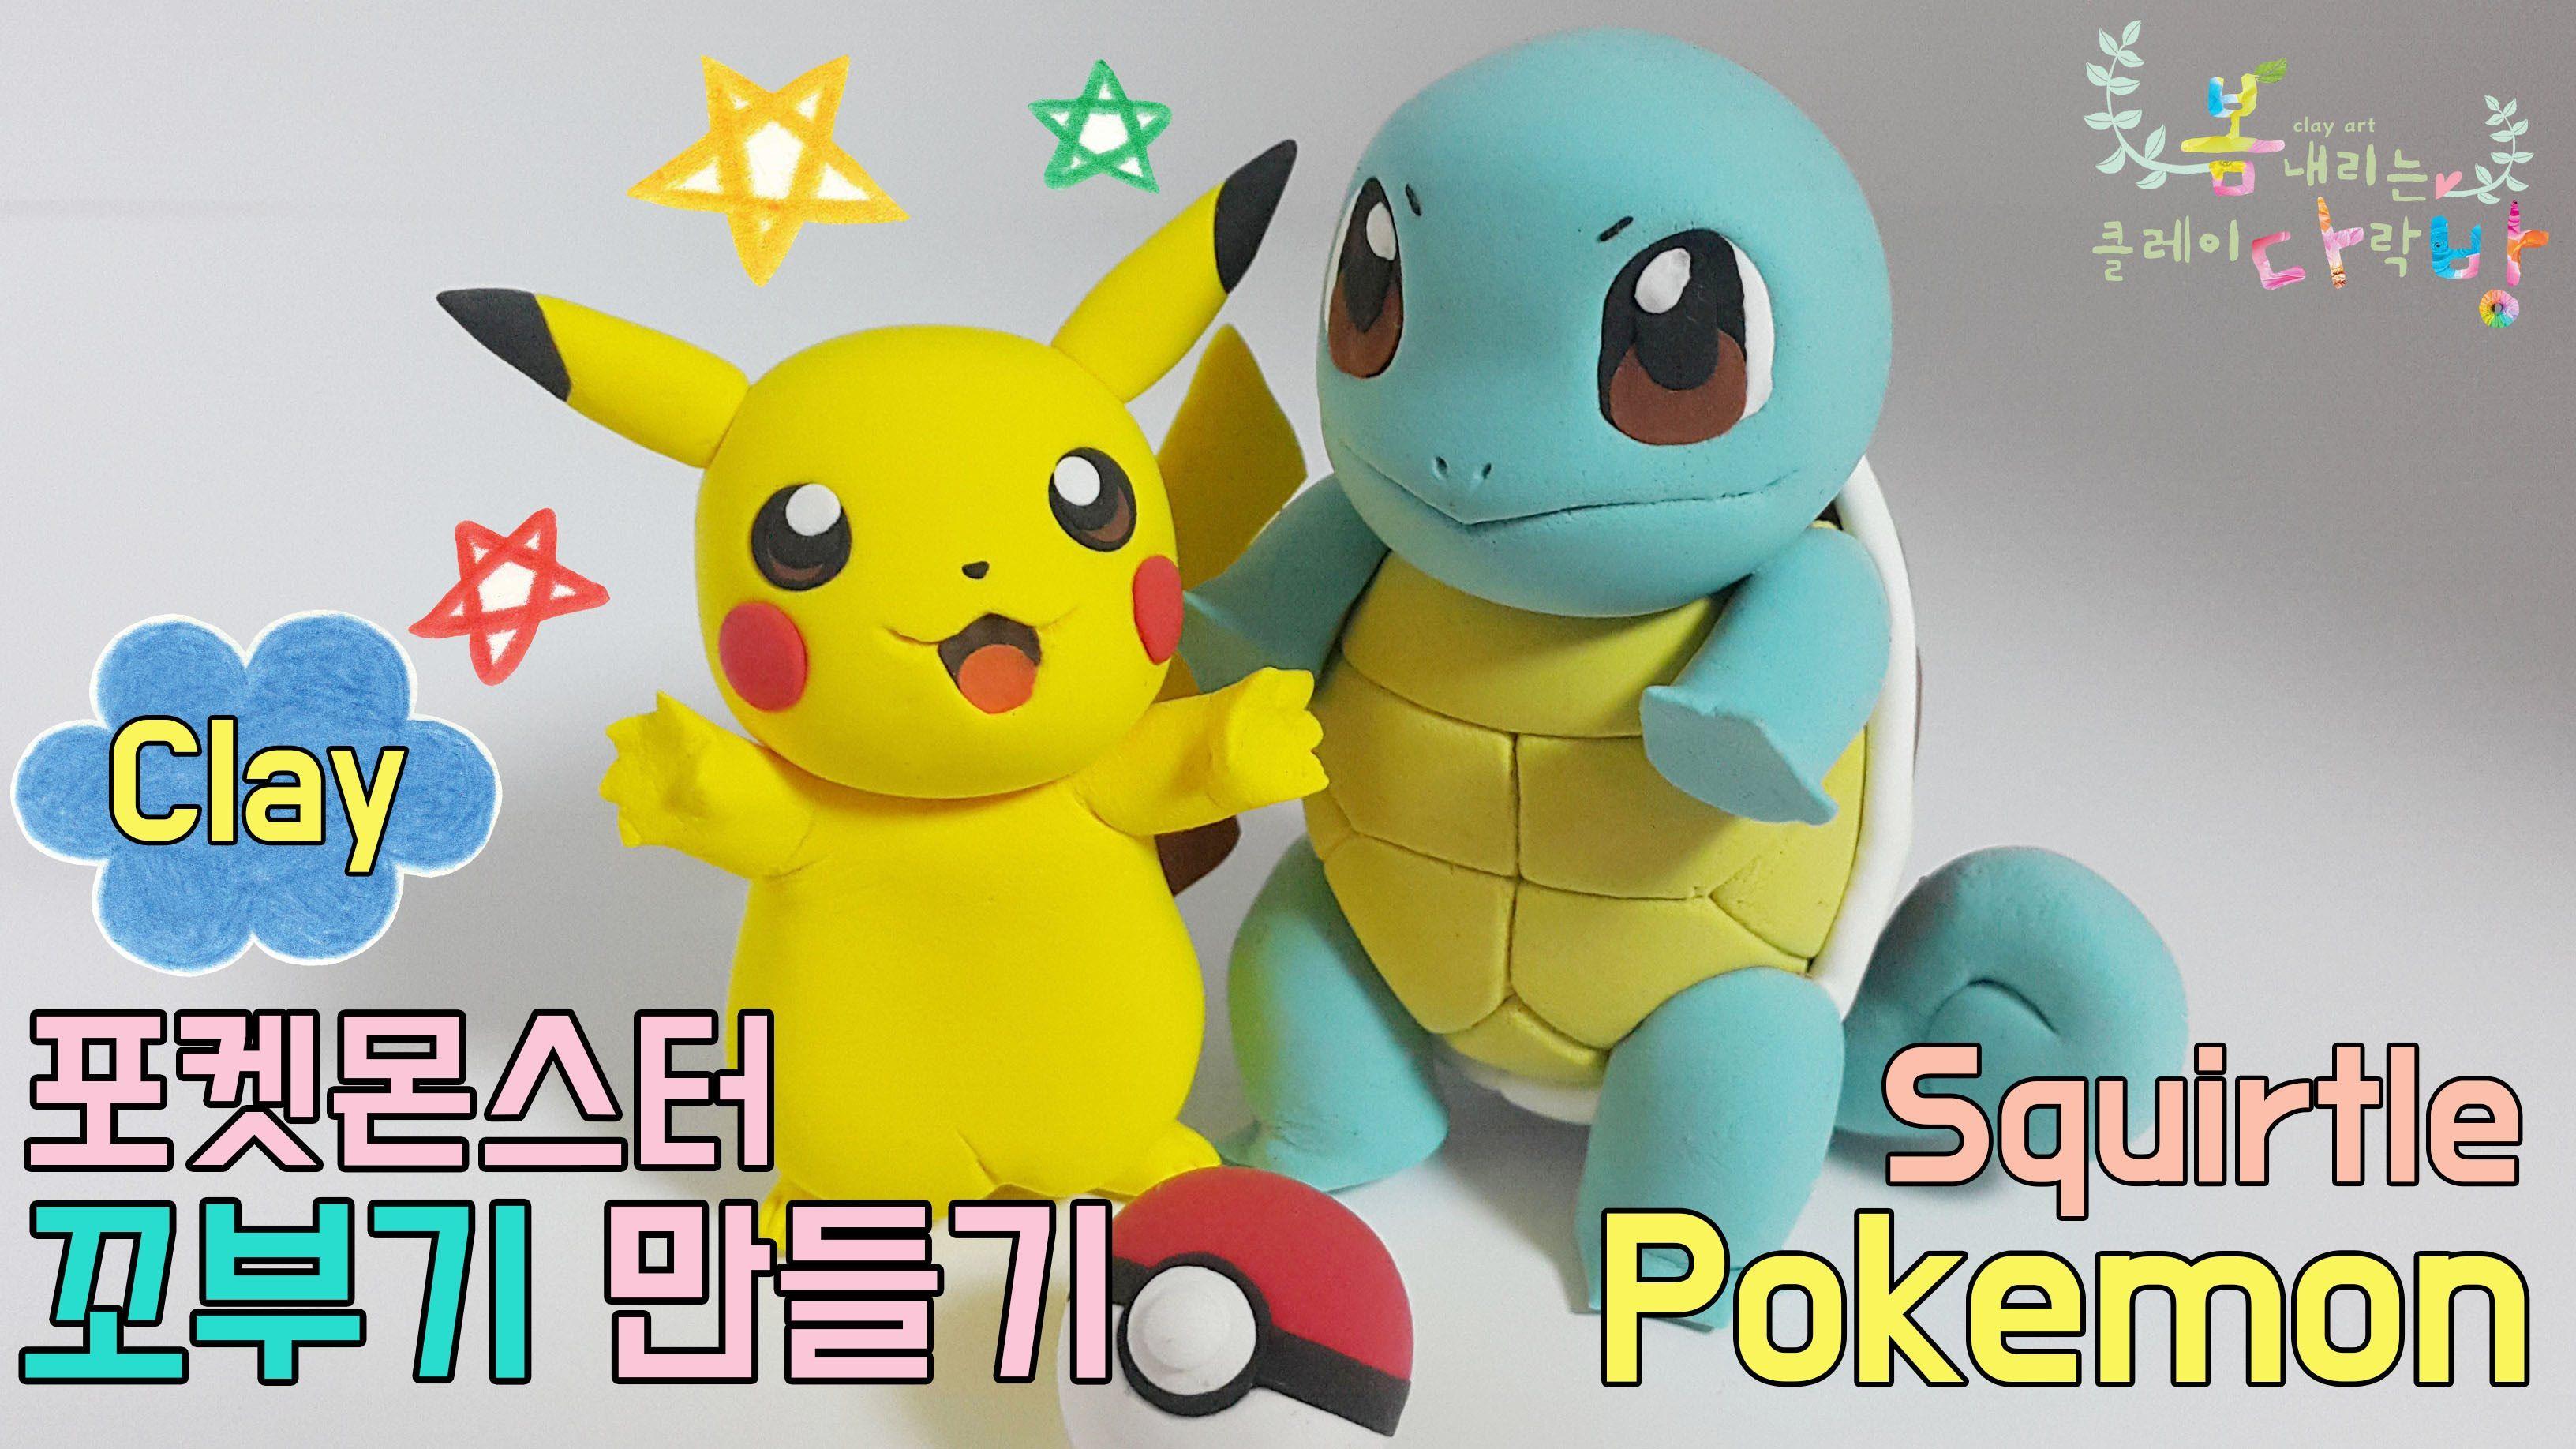 클레이로 포켓몬스터 꼬부기 만들기(포켓몬고_포켓몬go)_DIY How To Make 'pokemon go_squirtle'Clay...